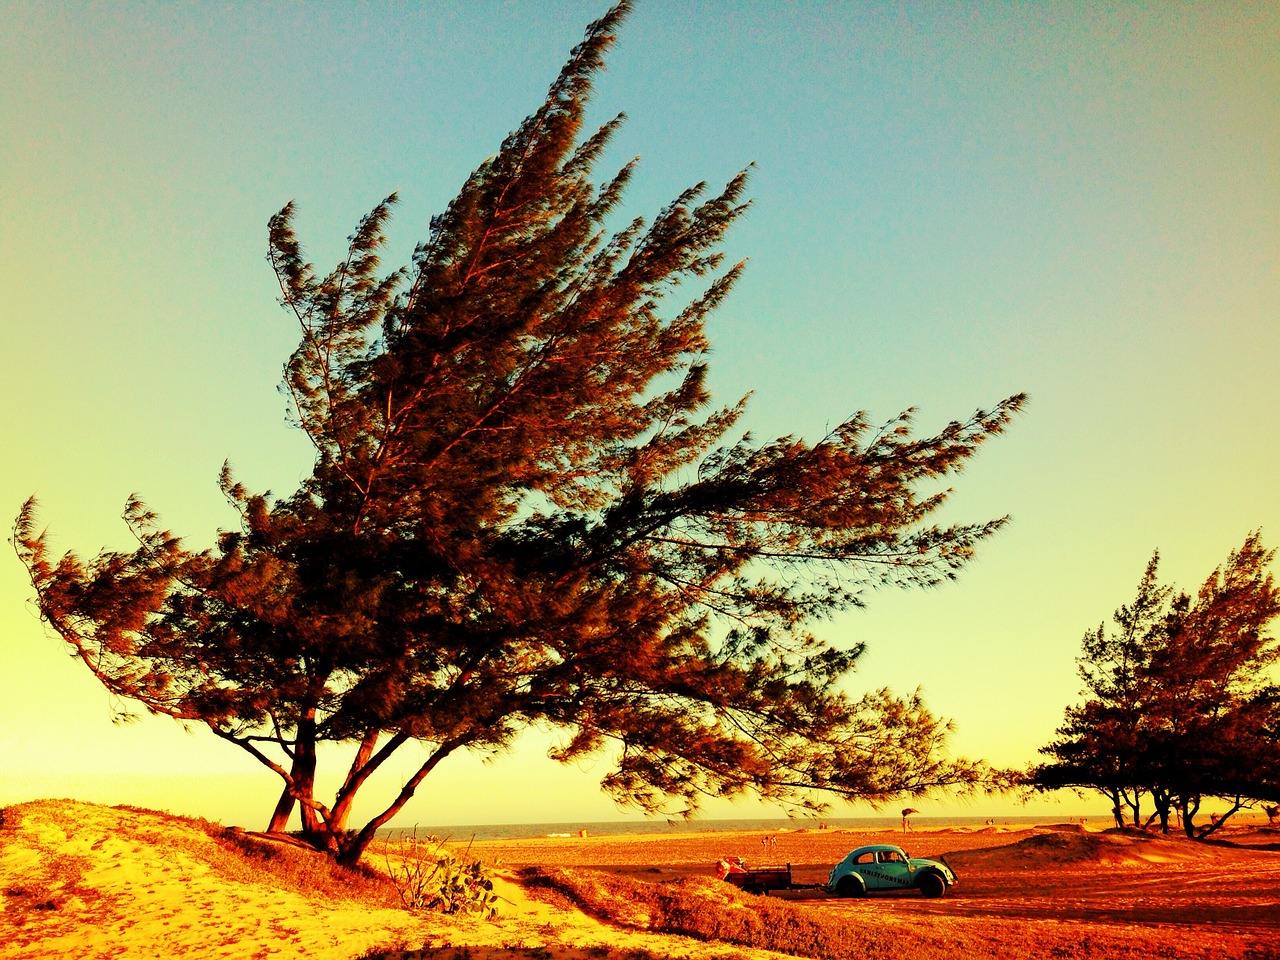 רקע מגניב עם מכונית ישנה